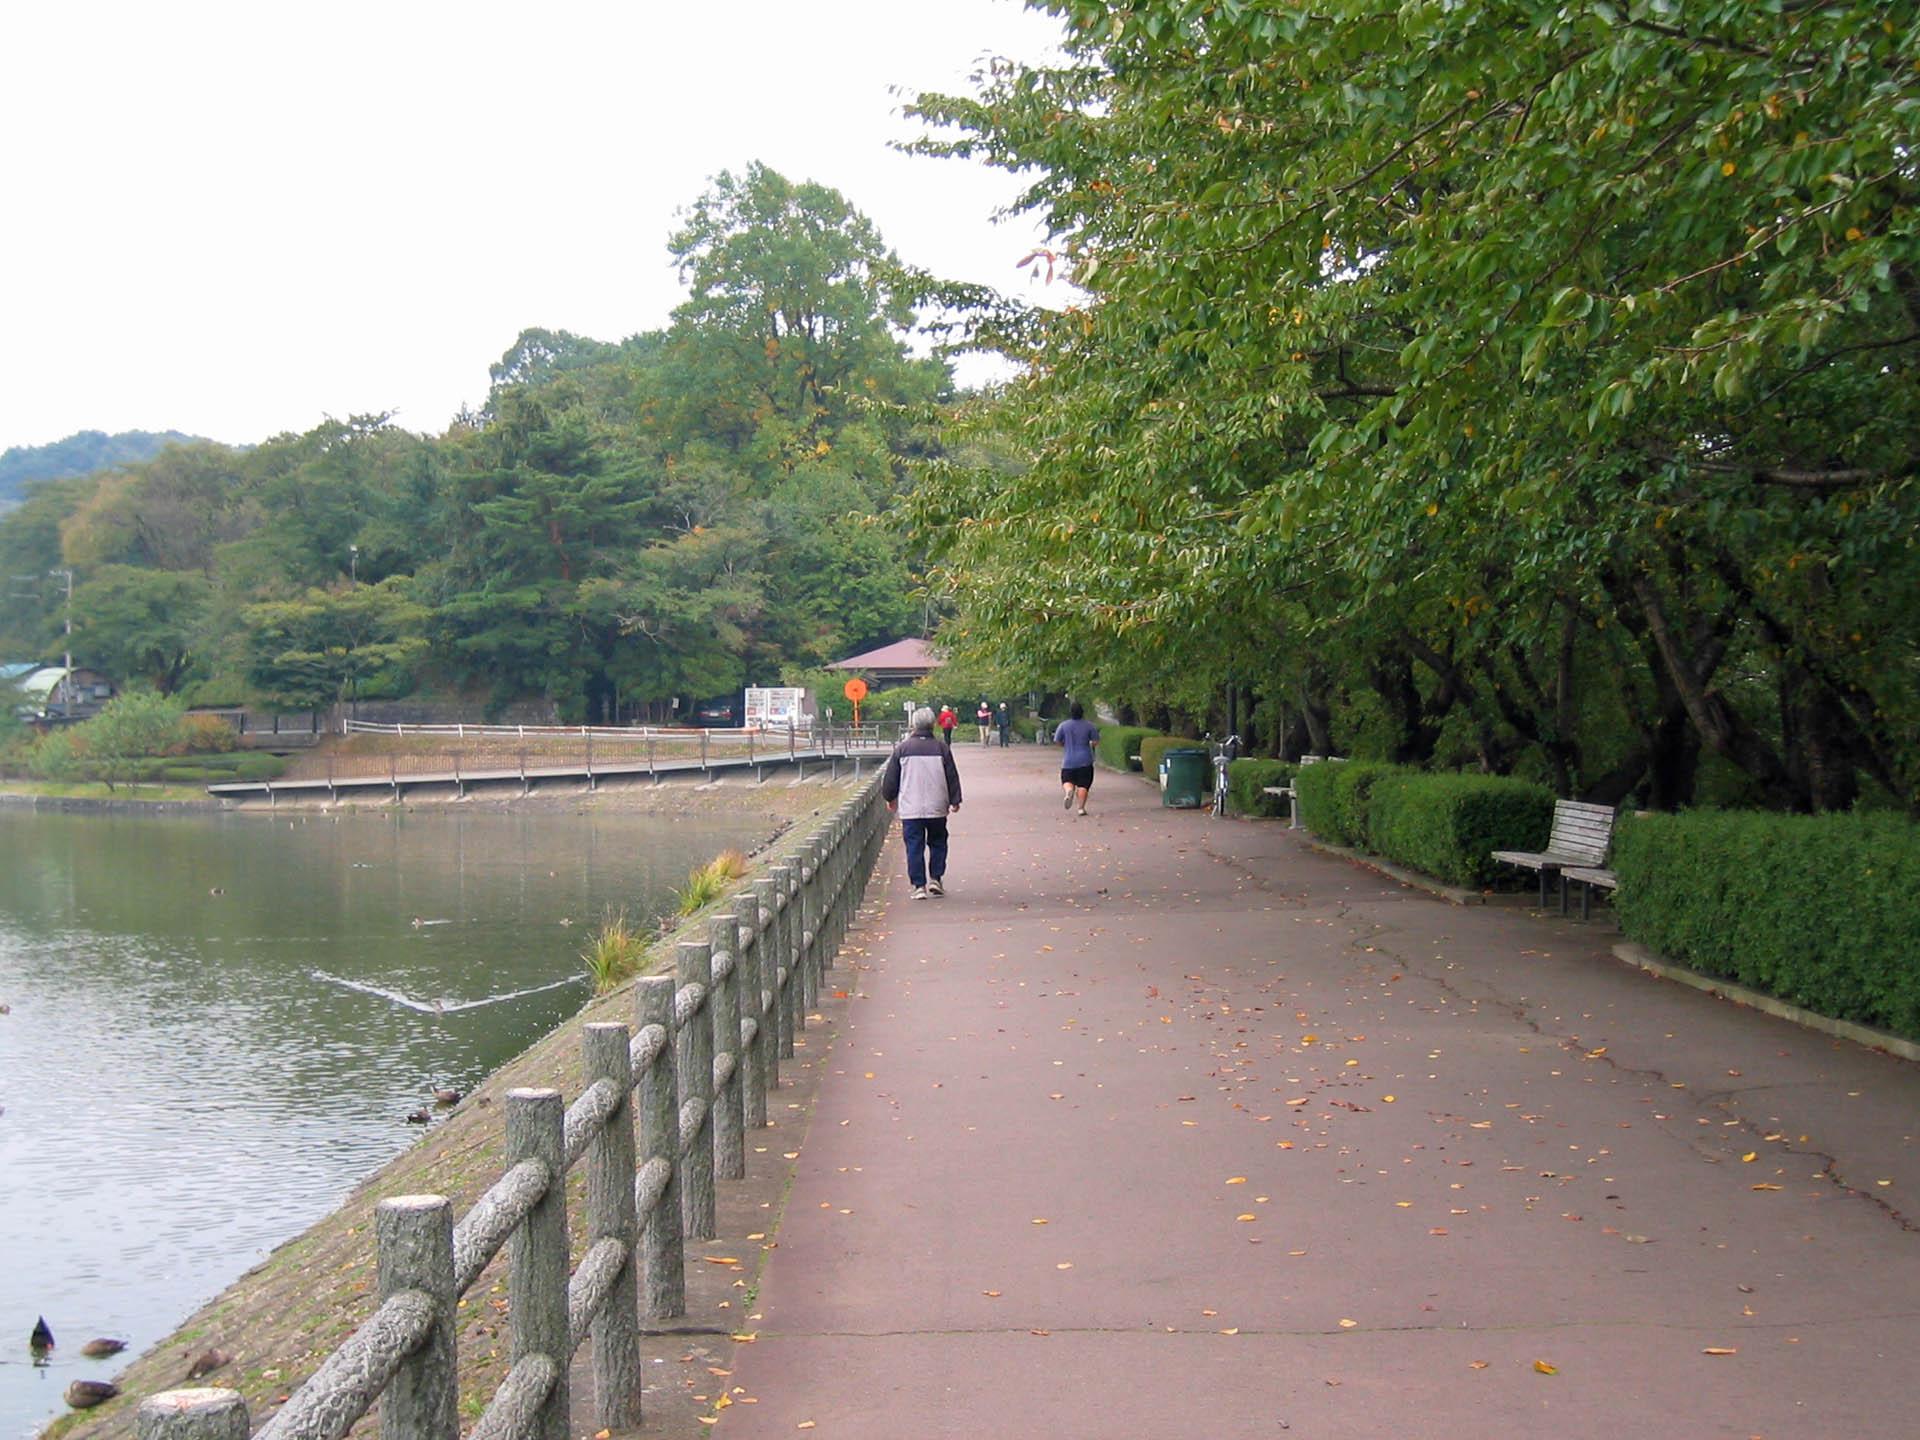 秋の高松の池 Part 2